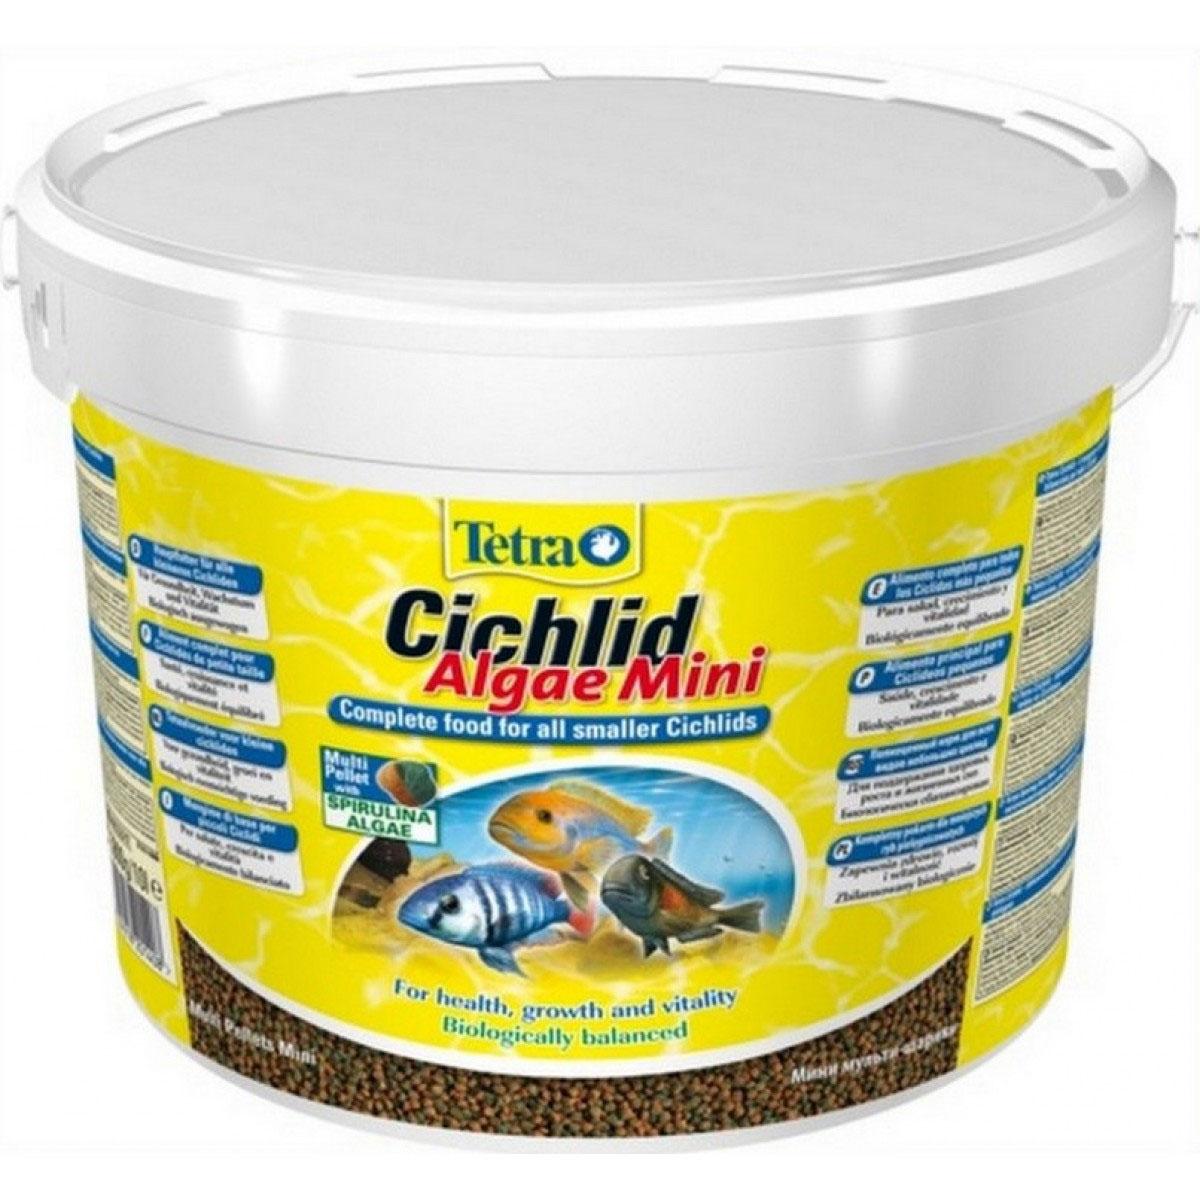 Корм сухой Tetra Cichlid. Algae Mini для всех видов небольших цихлид, гранулы, 10 л (3,9 кг)201408Полноценный растительный корм Tetra Cichlid. Colour Mini для всех видов небольших цихлид разработан для поддержания здоровья, роста и красивого окраса. Особенности Tetra Cichlid. Colour Mini - богатое содержание высококачественного белка и других питательных веществ удовлетворяет потребности в питании; - новая форма корма в виде шариков с полезным концентратом содержит природные усилители цвета для яркой окраски всех видов красных, оранжевых и желтых циклид; - маленький размер корма подходит для небольших цихлид; - новая формула корма с полезным концентратом содержит водоросли спирулина, обеспечивающие яркую окраску и придающие жизненные силы; - запатентованная формула BioActive - для поддержания здоровья и продолжительной жизни. Рекомендации по кормлению: кормить несколько раз в день маленькими порциями. Состав: зерновые культуры, экстракты растительного белка, рыба и побочные рыбные продукты, дрожжи, моллюски и...